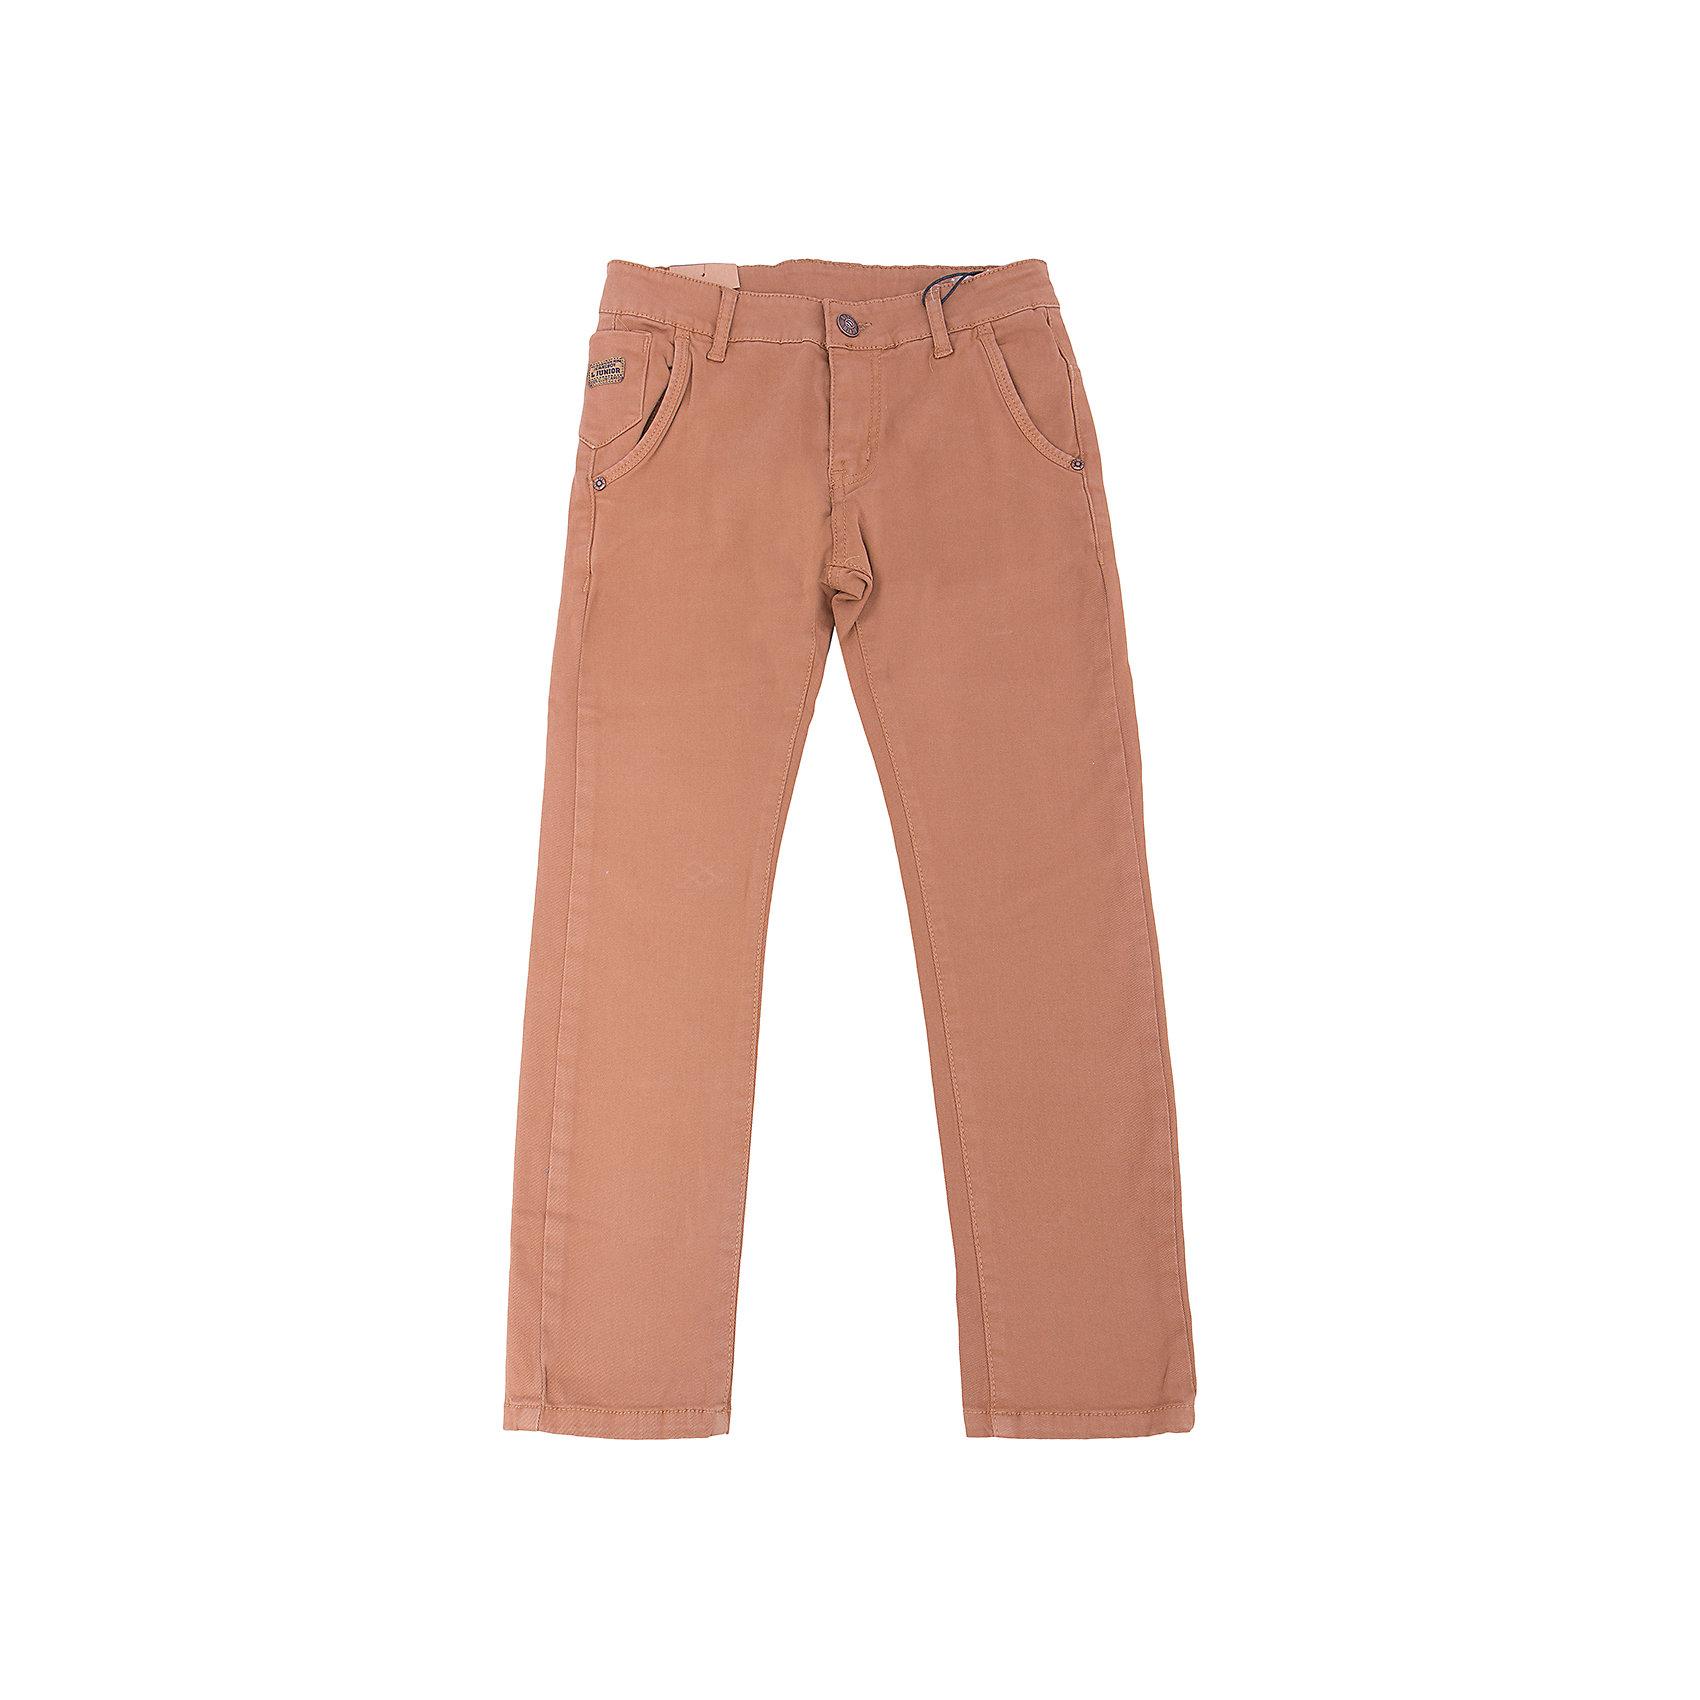 Брюки для мальчика LuminosoБрюки<br>Характеристики товара:<br><br>- цвет: коричневый;<br>- материал: 98% хлопок, 2% эластан;<br>- застежка: пуговица и молния;<br>- пояс регулируется внутренней резинкой на пуговицах;<br>- шлевки для ремня.<br><br>Стильная одежда от бренда Luminoso (Люминосо), созданная при участии итальянских дизайнеров, учитывает потребности подростков и последние веяния моды. Она удобная и модная.<br>Эти брюки выглядят стильно, но при этом подходят для ежедневного ношения. Они хорошо сидят на ребенке, обеспечивают комфорт и отлично сочетаются с одежной разных стилей. Модель отличается высоким качеством материала и продуманным дизайном. Натуральный хлопок в составе изделия делает его дышащим, приятным на ощупь и гипоаллергеным.<br><br>Брюки для мальчика от бренда Luminoso (Люминосо) можно купить в нашем интернет-магазине.<br><br>Ширина мм: 215<br>Глубина мм: 88<br>Высота мм: 191<br>Вес г: 336<br>Цвет: коричневый<br>Возраст от месяцев: 144<br>Возраст до месяцев: 156<br>Пол: Мужской<br>Возраст: Детский<br>Размер: 158,164,152,146,140,134<br>SKU: 4930977